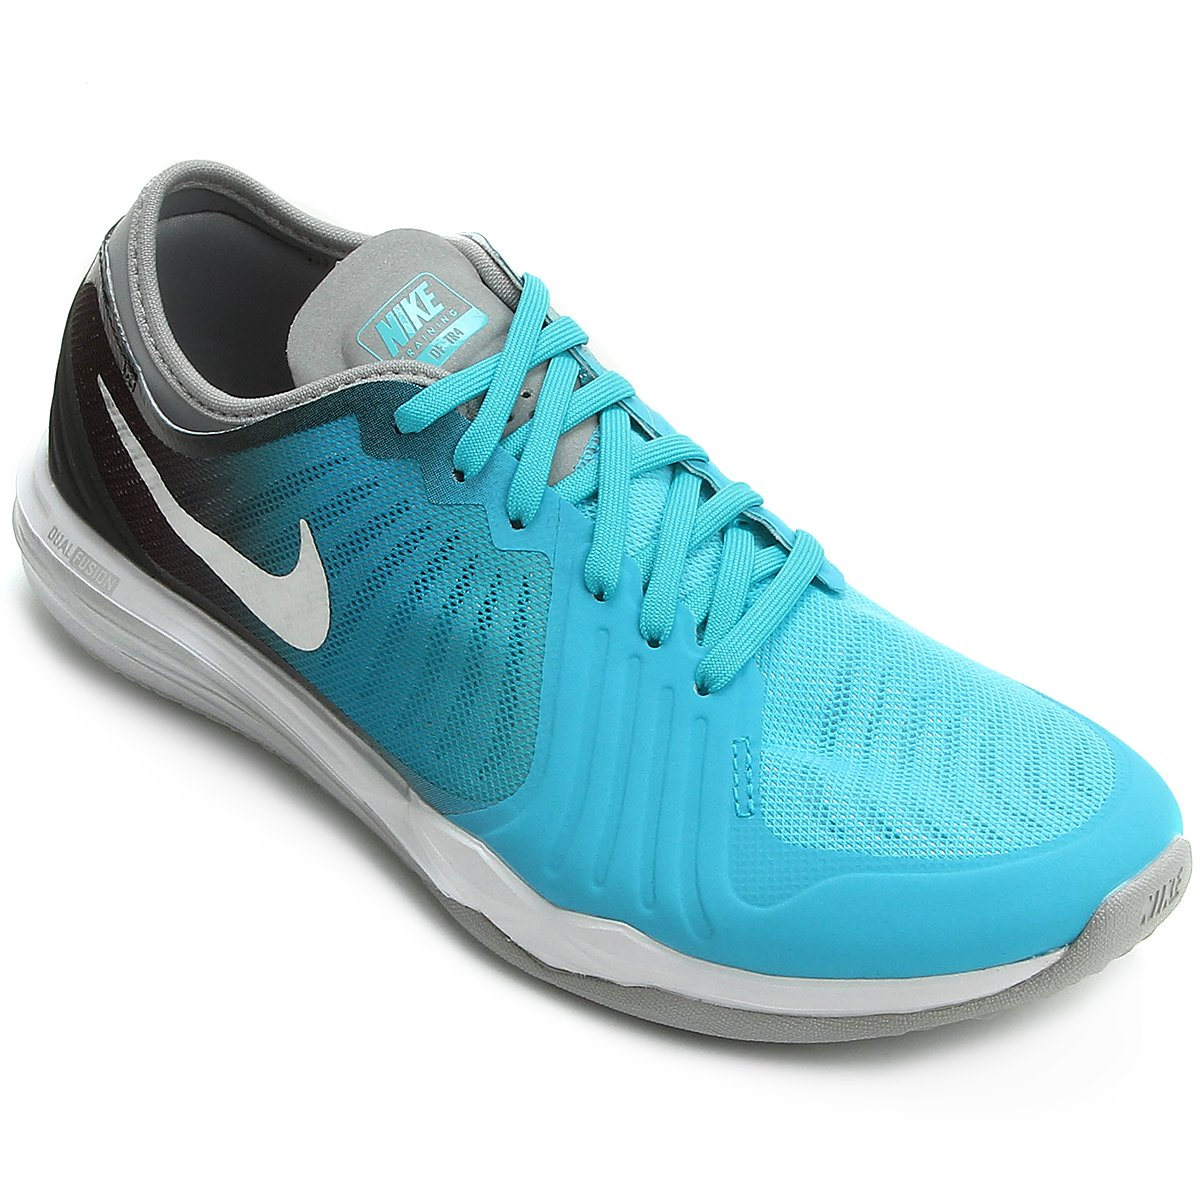 91fd10609d Tênis Nike Dual Fusion Tr 4 Print Feminino - Compre Agora